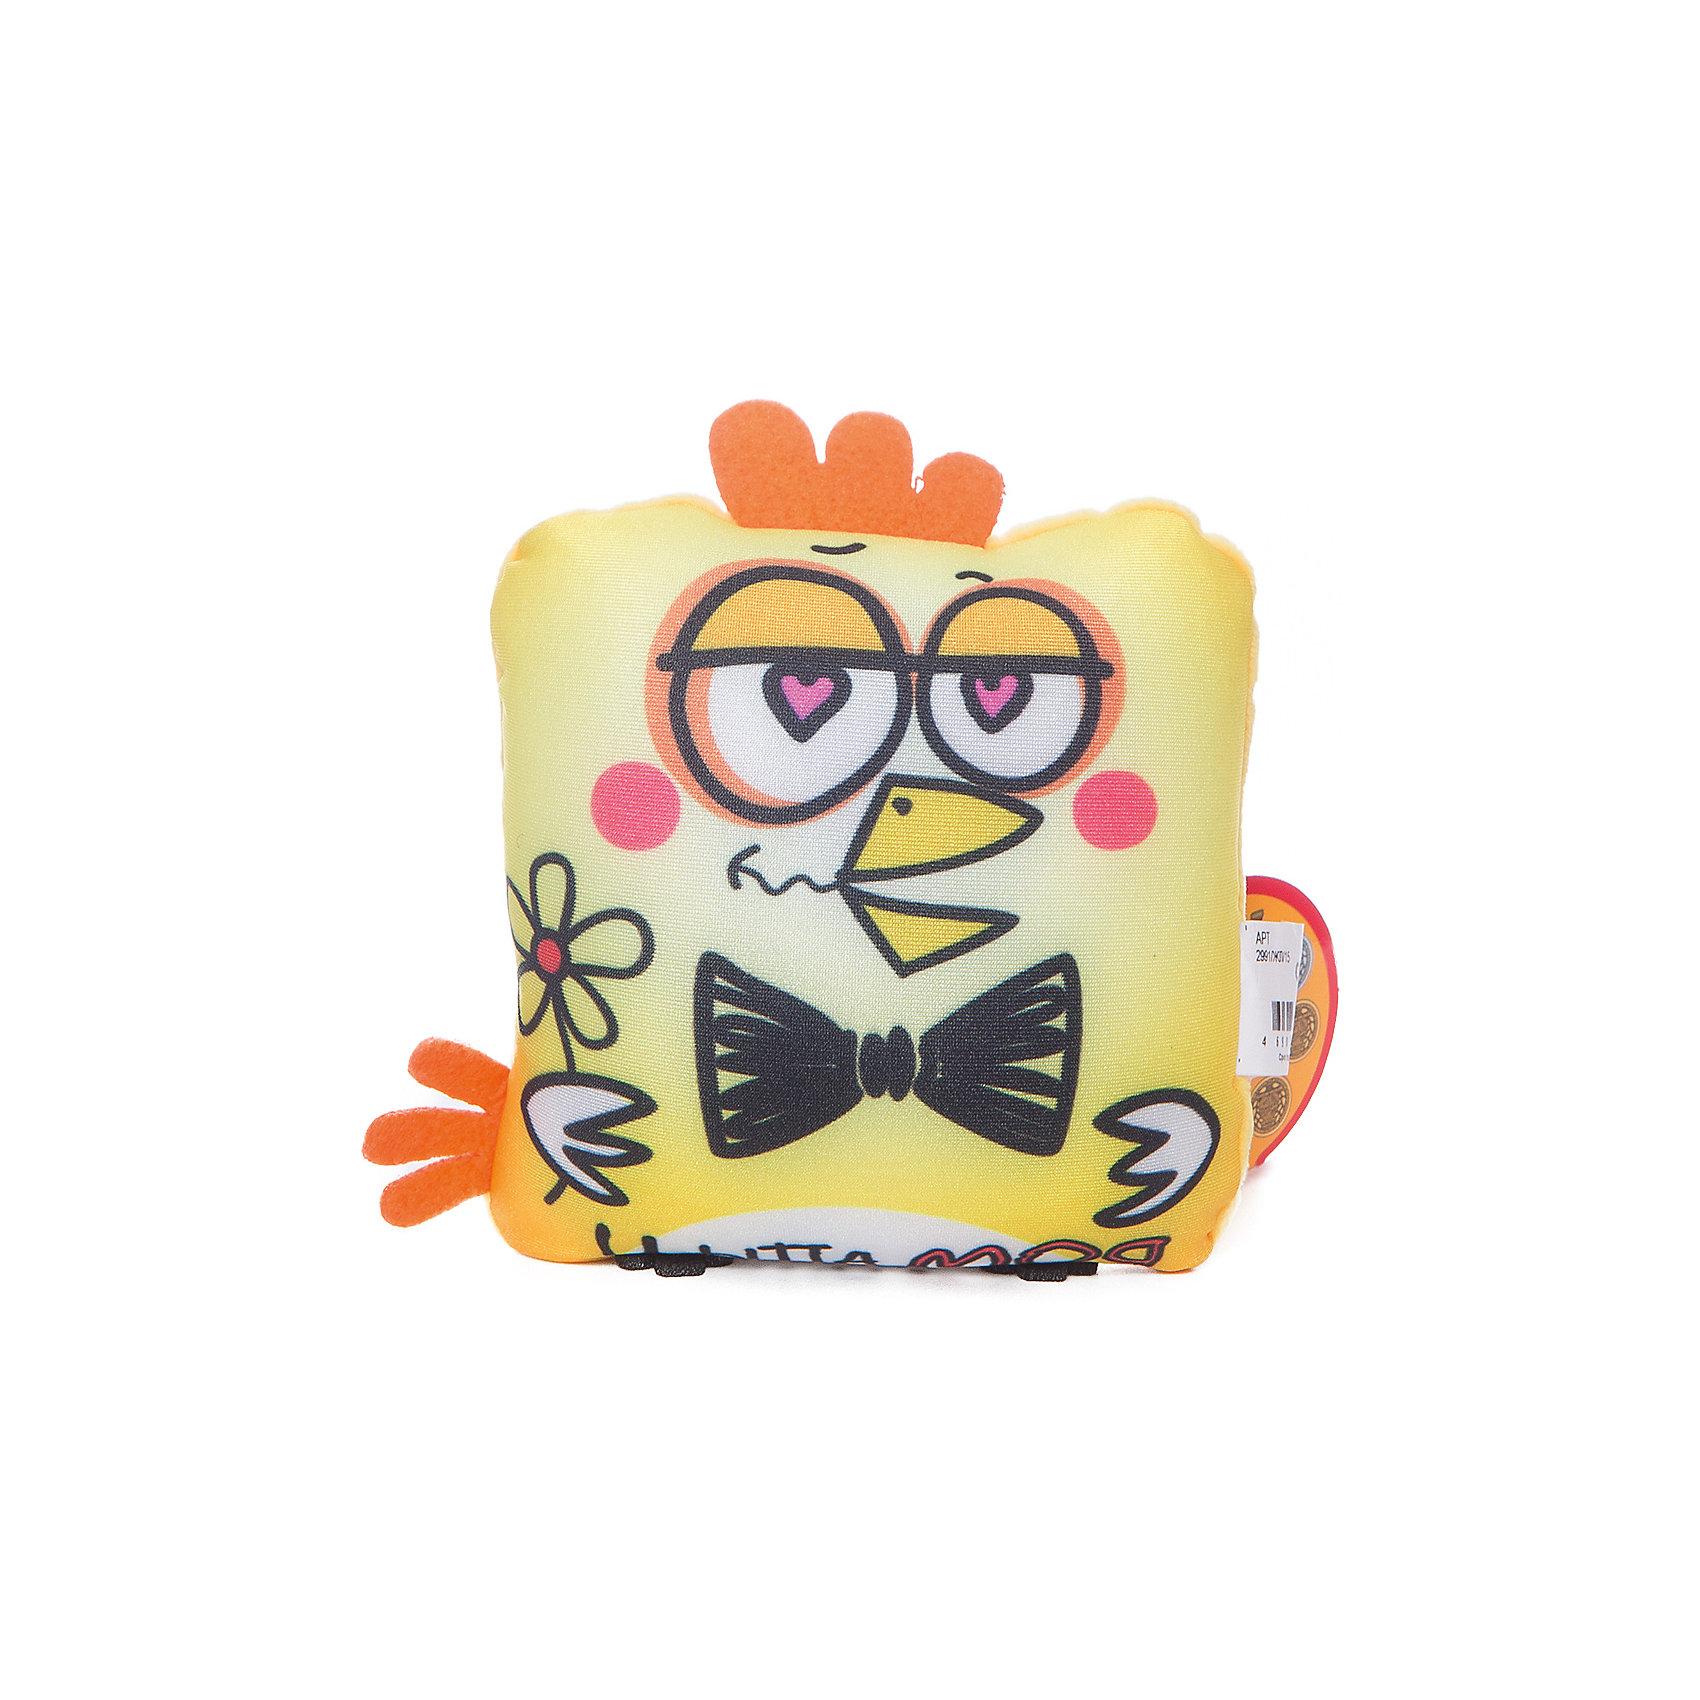 Подушка Петух Мачо, СмолТойс, желтыйДетские предметы интерьера<br>Эта мягкая игрушка не может не вызывать улыбку! Думаете, что подарить на Новый год или другой праздник? Подарите этого мягкого петуха! Символ 2017 года выглядит очень симпатично. Такая игрушка понравится и детям и взрослым!<br>Игрушка приятная на ощупь. Внутри предмет заполнен мягким наполнителем. Петух может стать украшением интерьера, так как похож на подушку. Произведена игрушка из качественных и безопасных для здоровья детей материалов.<br><br>Дополнительная информация:<br><br>цвет: разноцветный;<br>материал: текстиль, синтепон;<br>высота: 15 см.<br><br>Подушку Петух Мачо можно купить в нашем магазине.<br><br>Ширина мм: 6<br>Глубина мм: 13<br>Высота мм: 13<br>Вес г: 30<br>Возраст от месяцев: 36<br>Возраст до месяцев: 1188<br>Пол: Унисекс<br>Возраст: Детский<br>SKU: 4996605